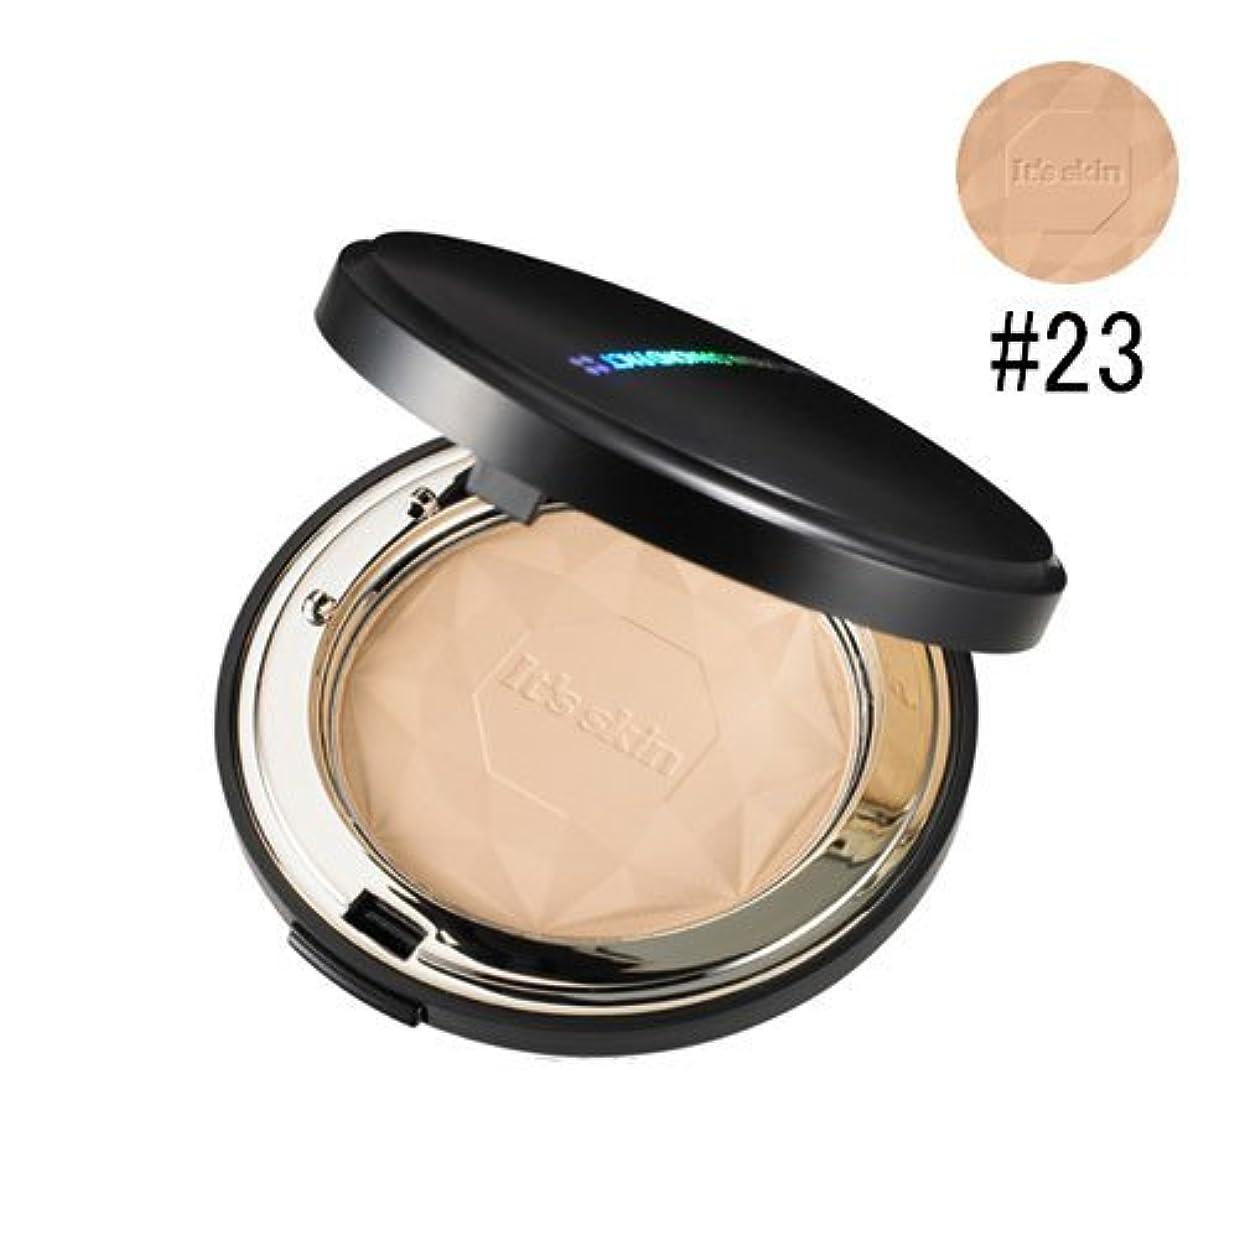 親密なチャーミングプラスIt's skin イッツスキン プリズマ ダイアモンドパクト SPF25 PA++# 23号ナチュラルベージュ